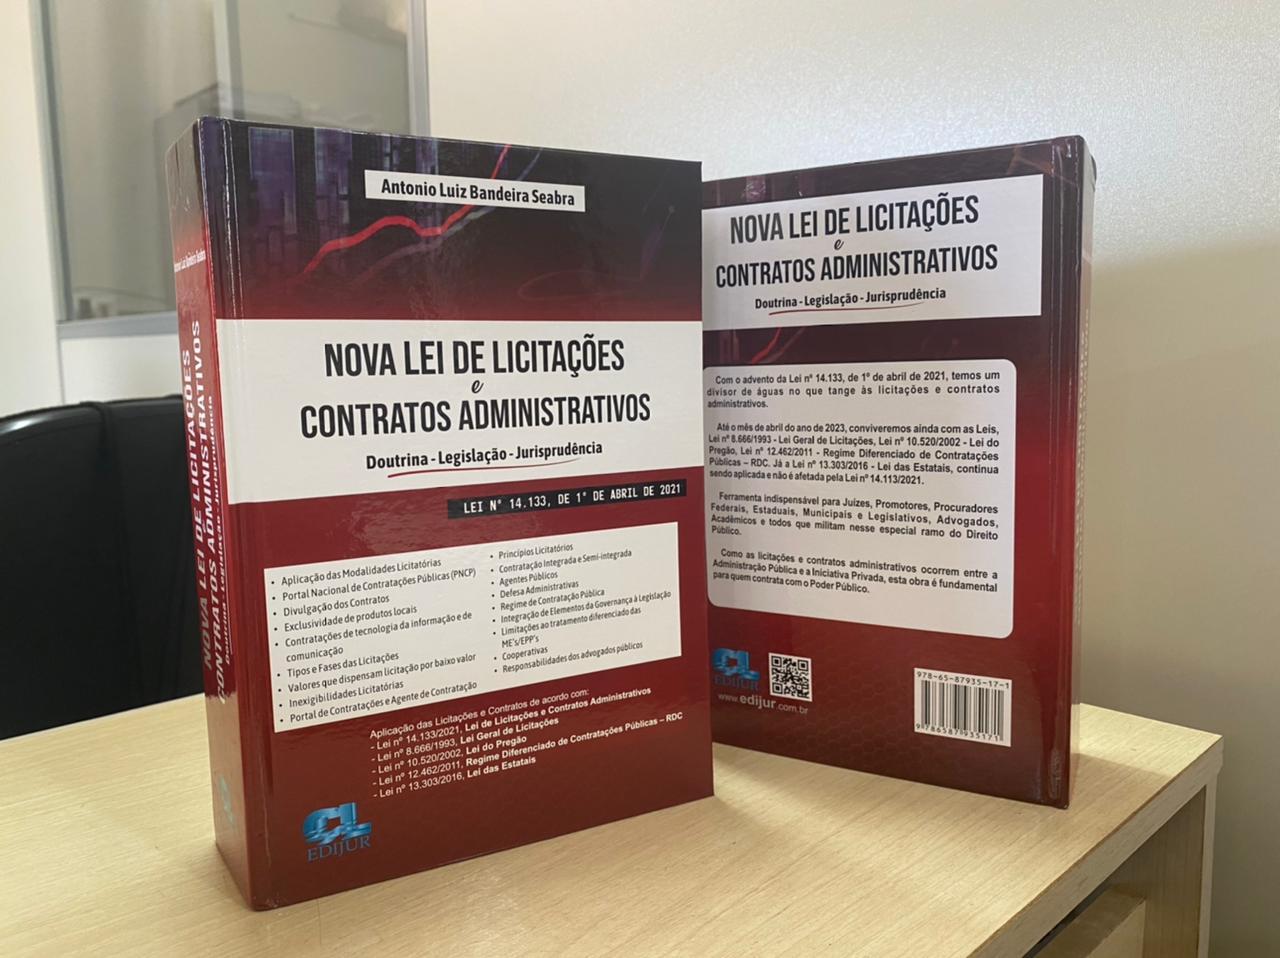 NOVA LEI DE LICITAÇÕES E CONTRATOS ADMINISTRATIVOS - DOUTRINA - LEGISLAÇÃO - JURISPRUDÊNCIA - 2021